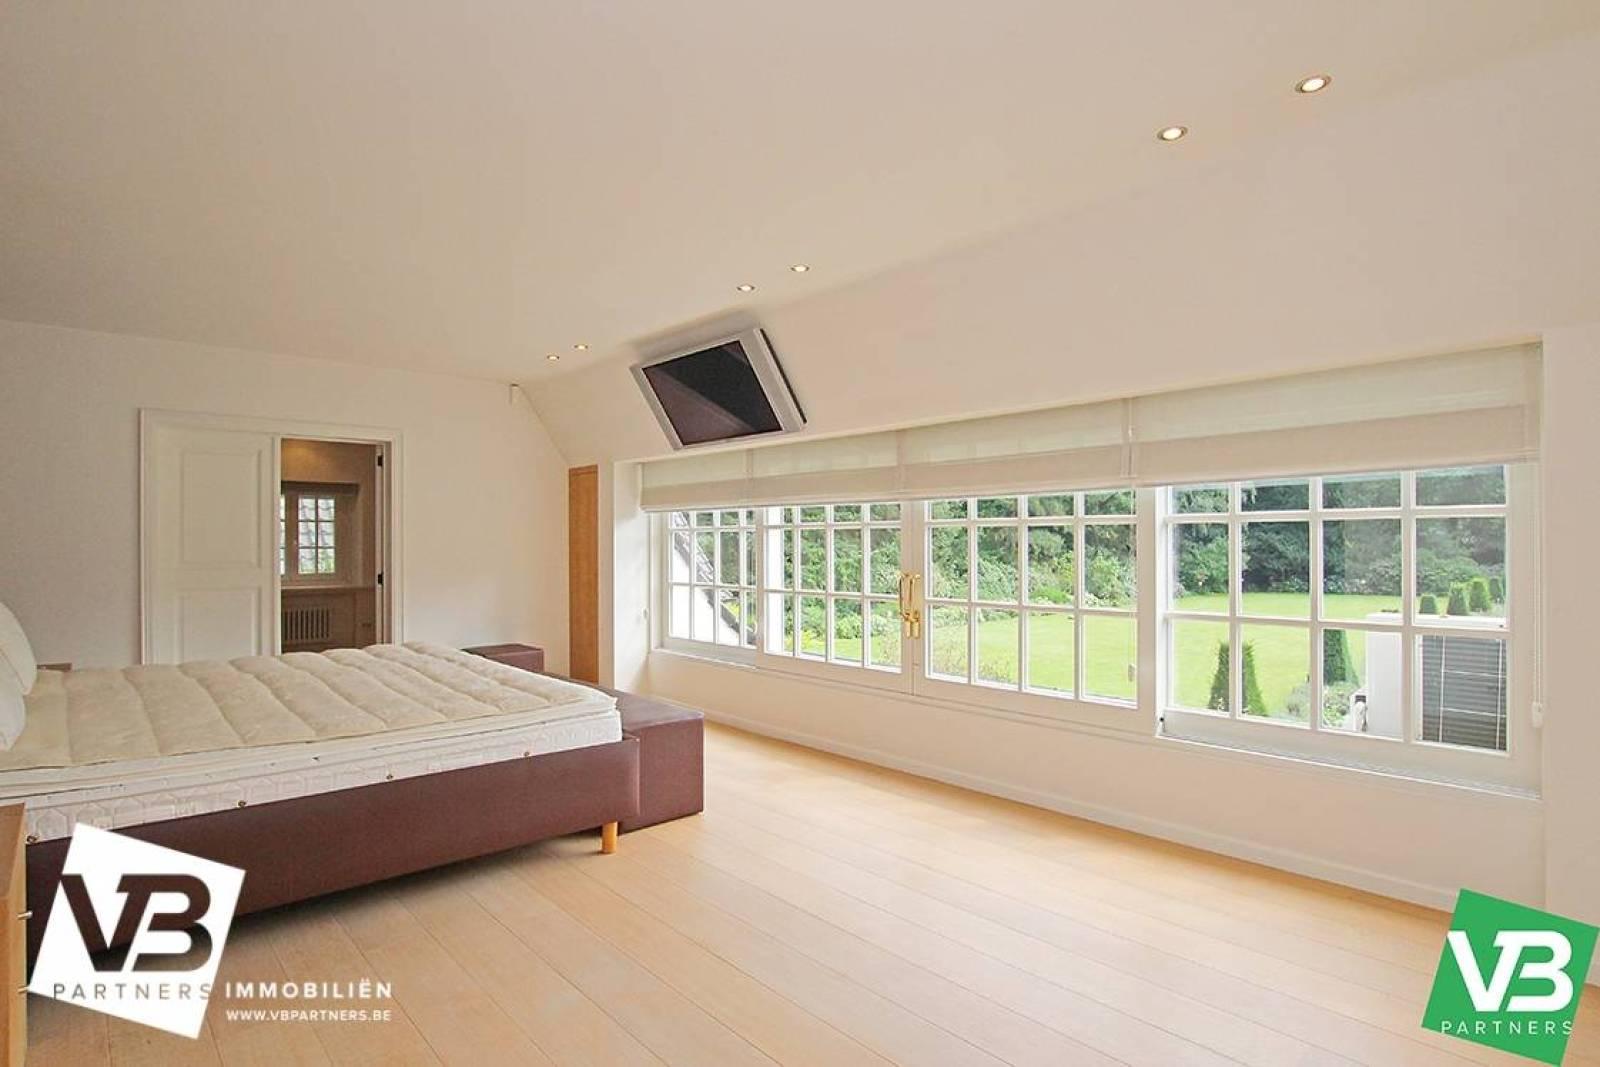 Prachtig domein met riante villa en zwembad op toplocatie te Schoten! afbeelding 45